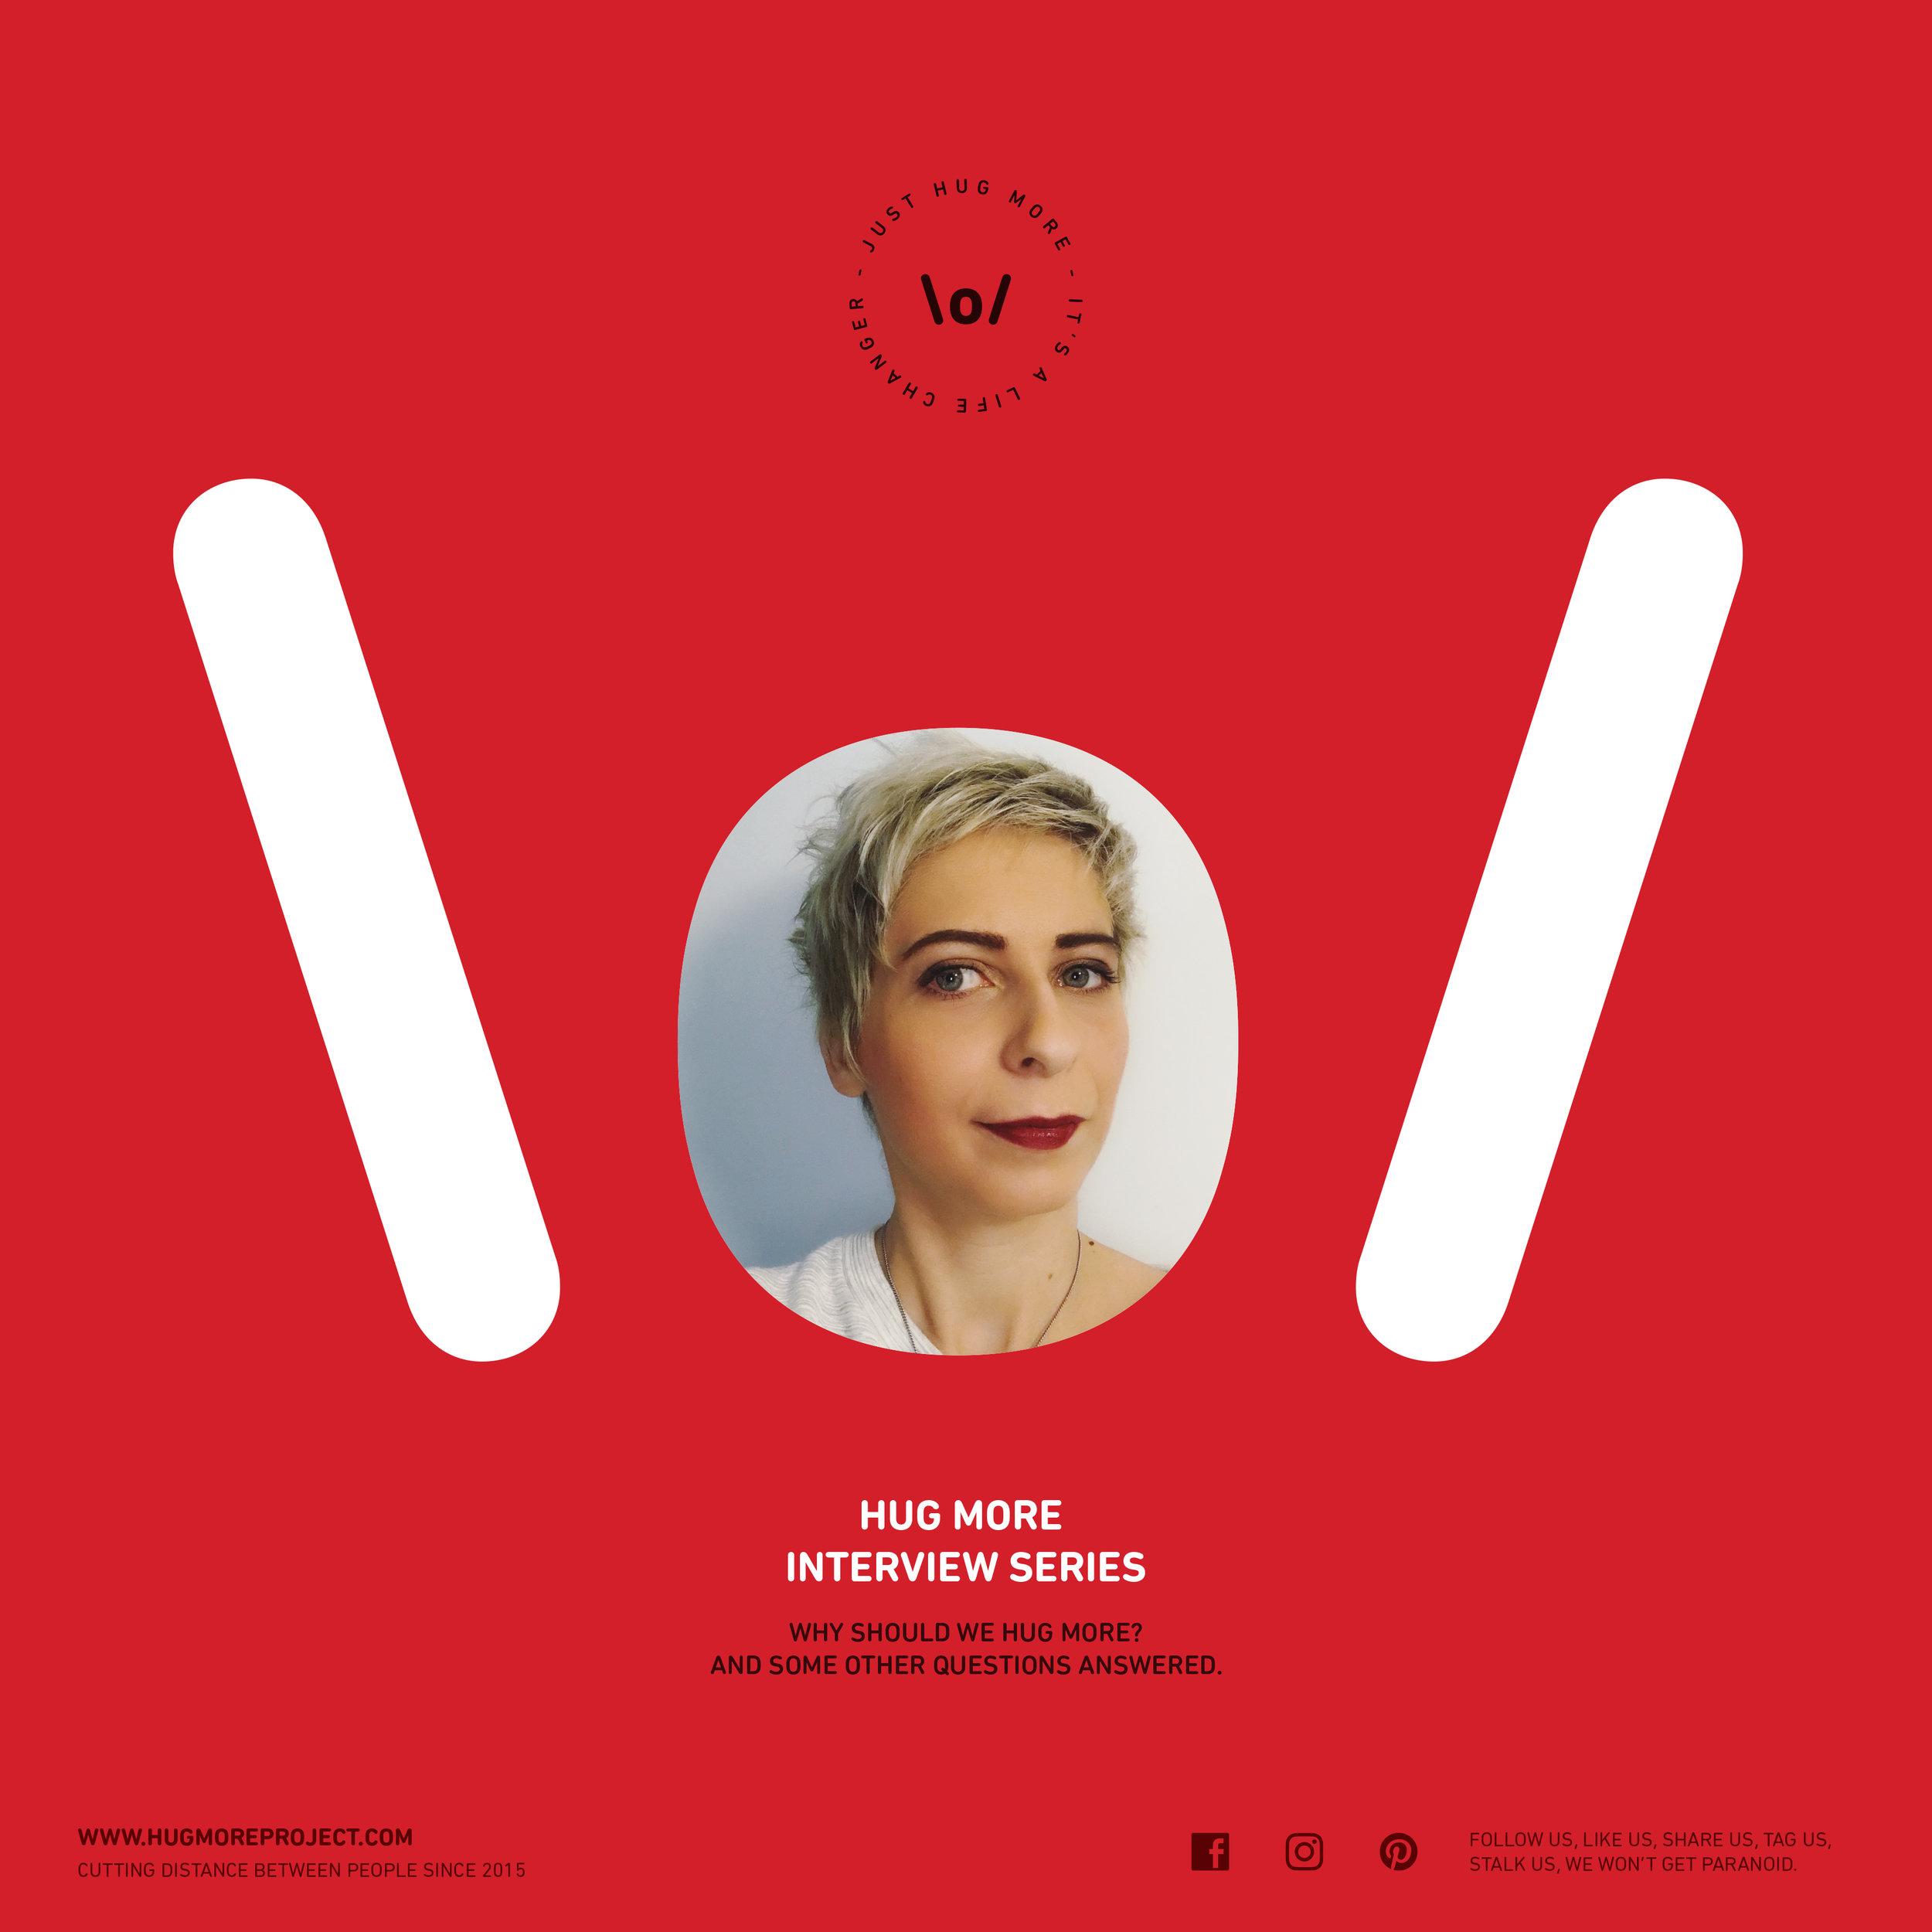 HUG-MORE-interview-026-Tijana_Sovljanski.jpg